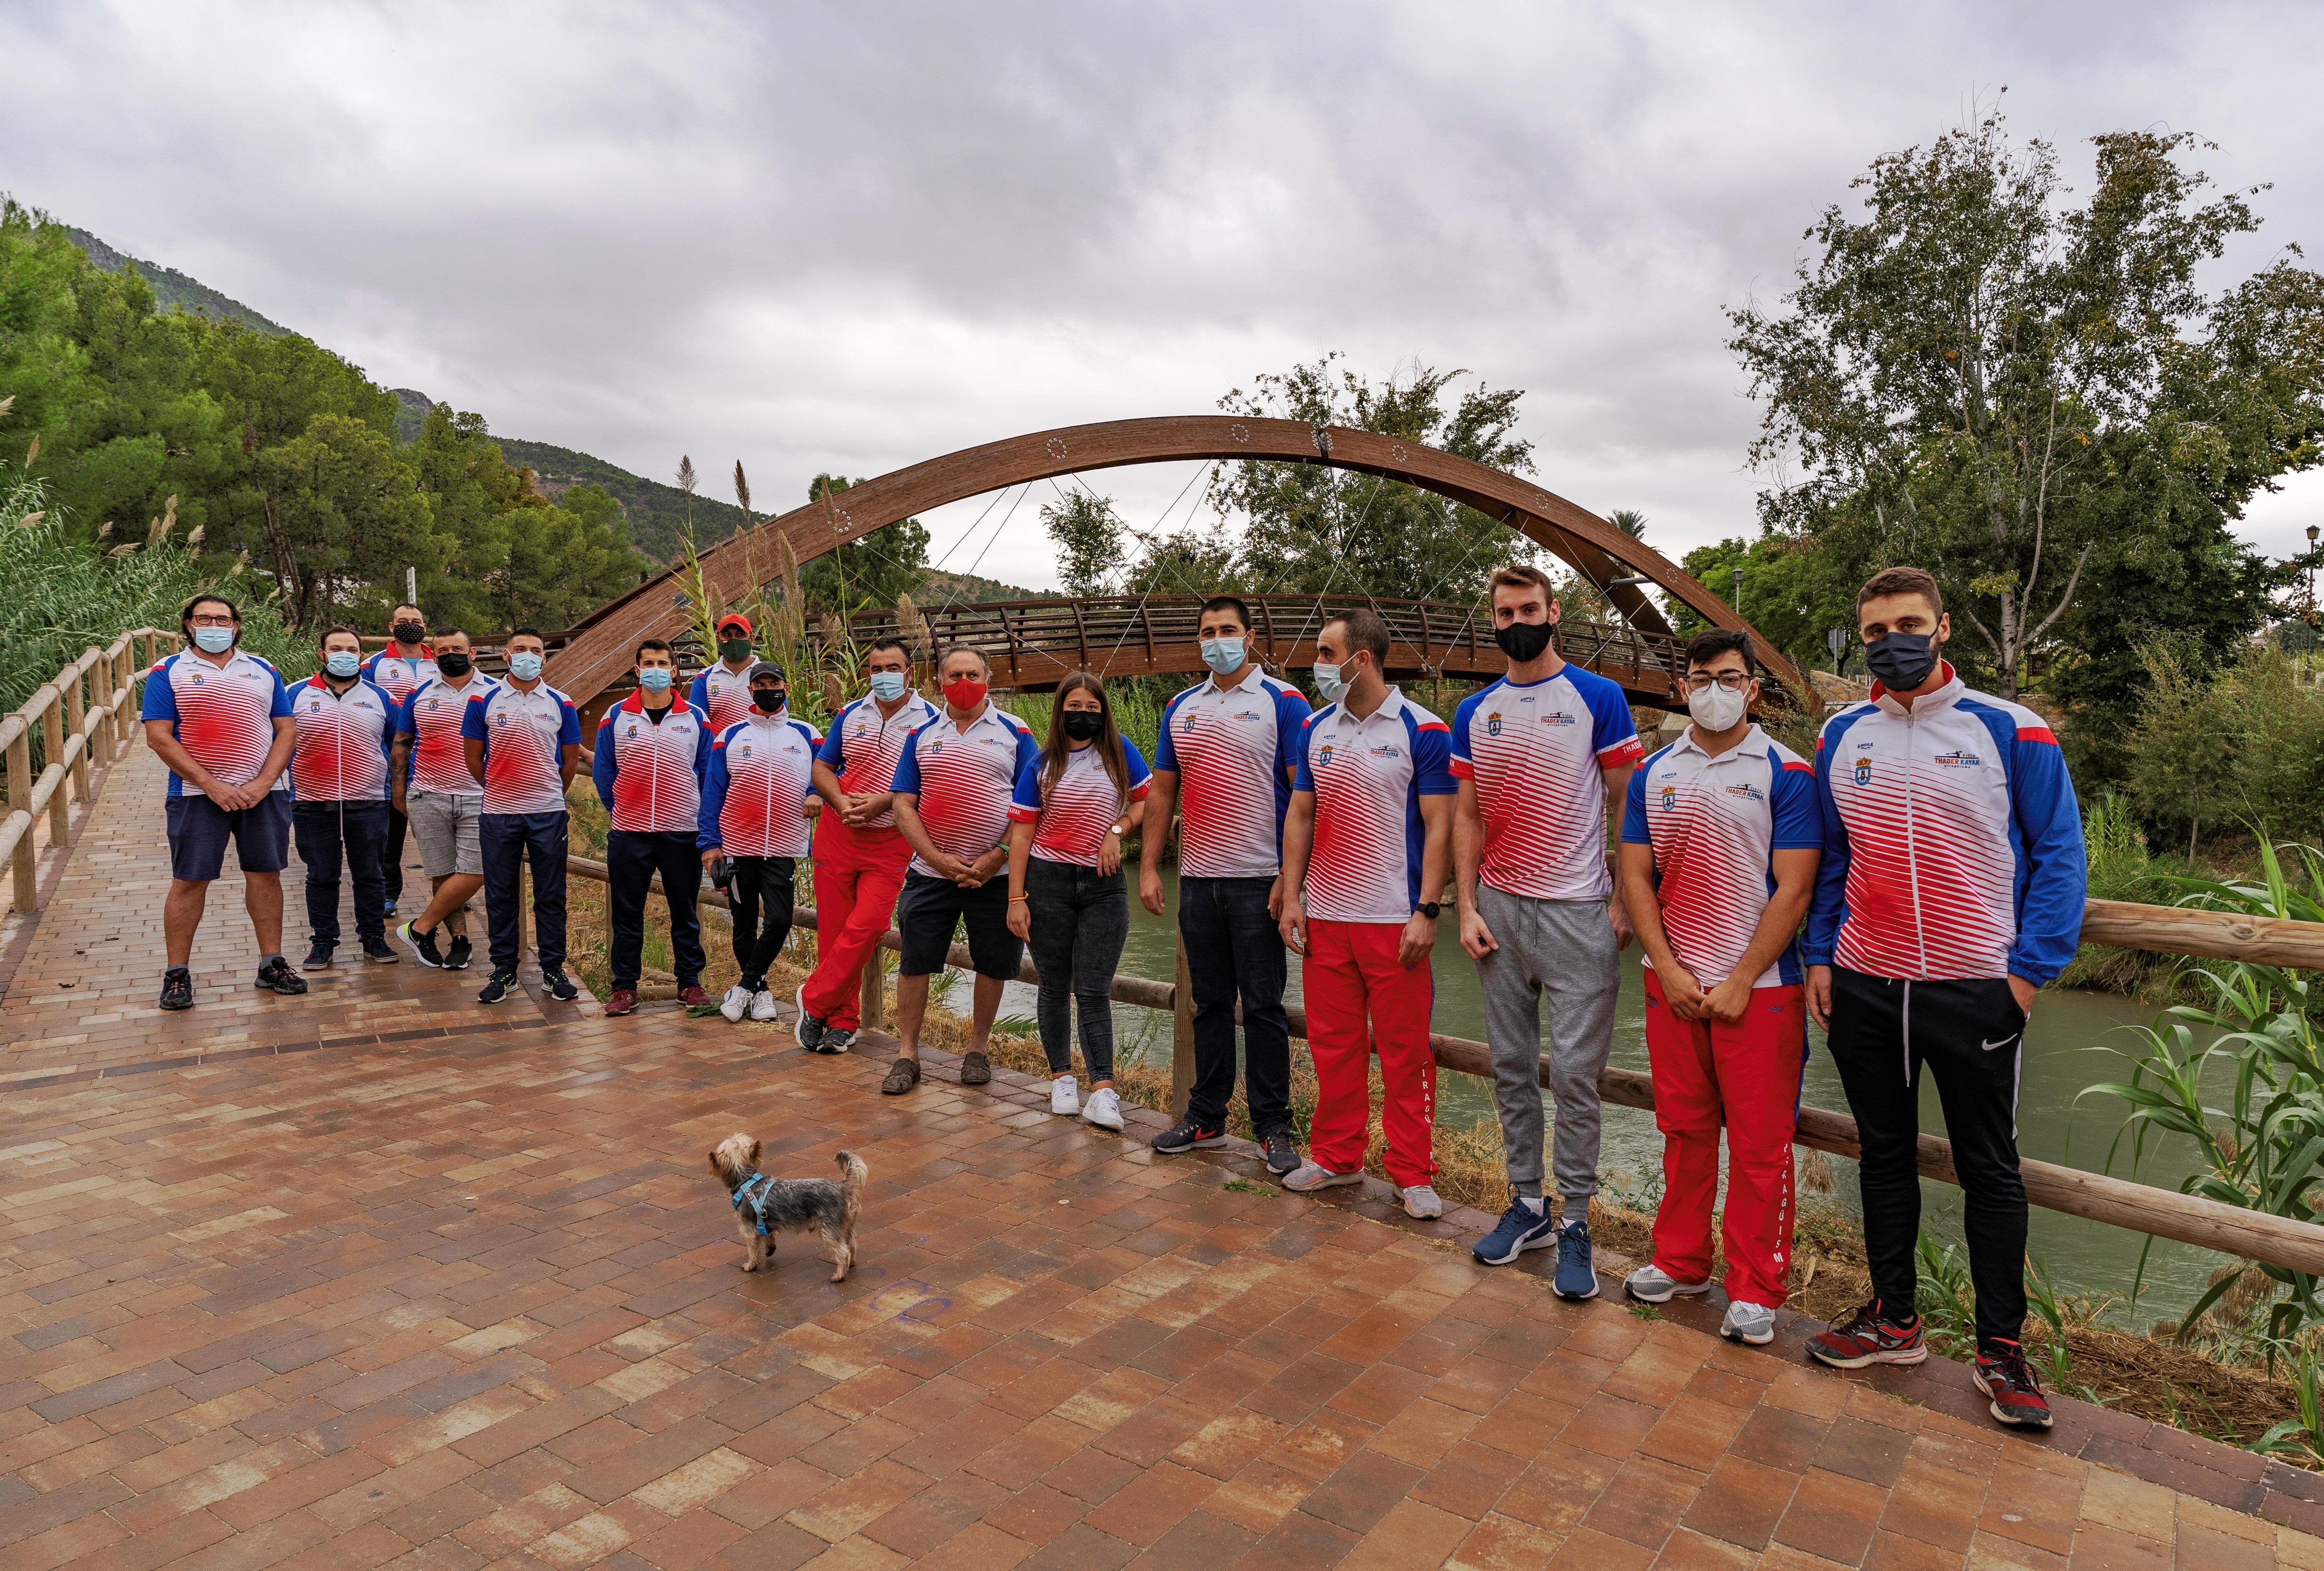 El Club de Piragüismo Thader Kayak de Cieza ha fijado un objetivo para 2021, 'El Río Que Nos Une'